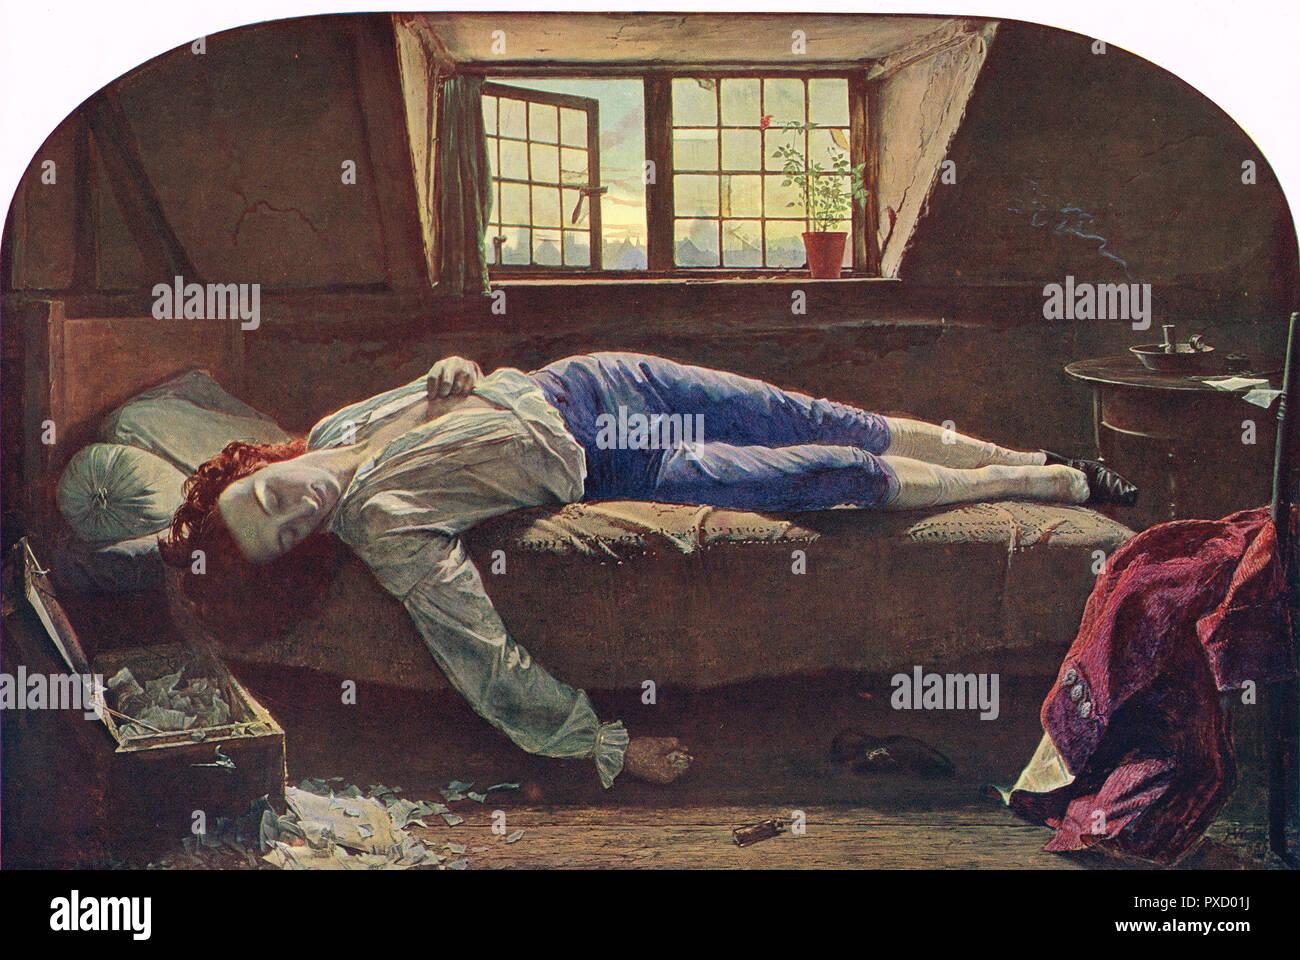 La morte di Chatterton, da Henry Wallis (1830-1916) Immagini Stock